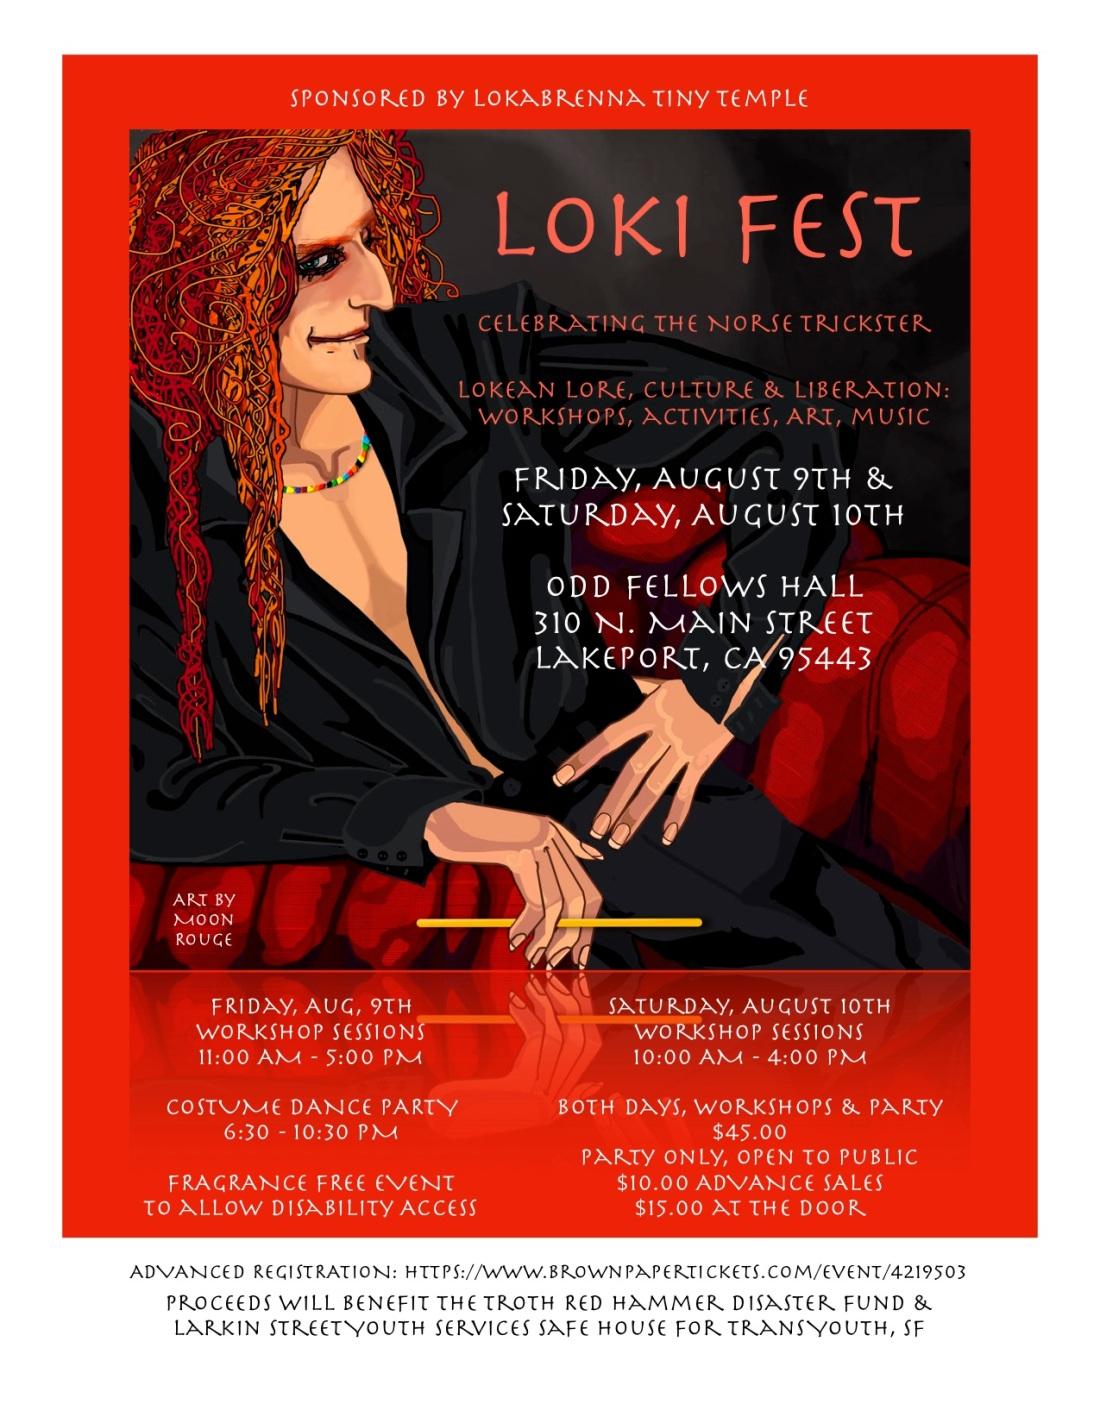 NEW & BEST LokiFest Flyer 4:22